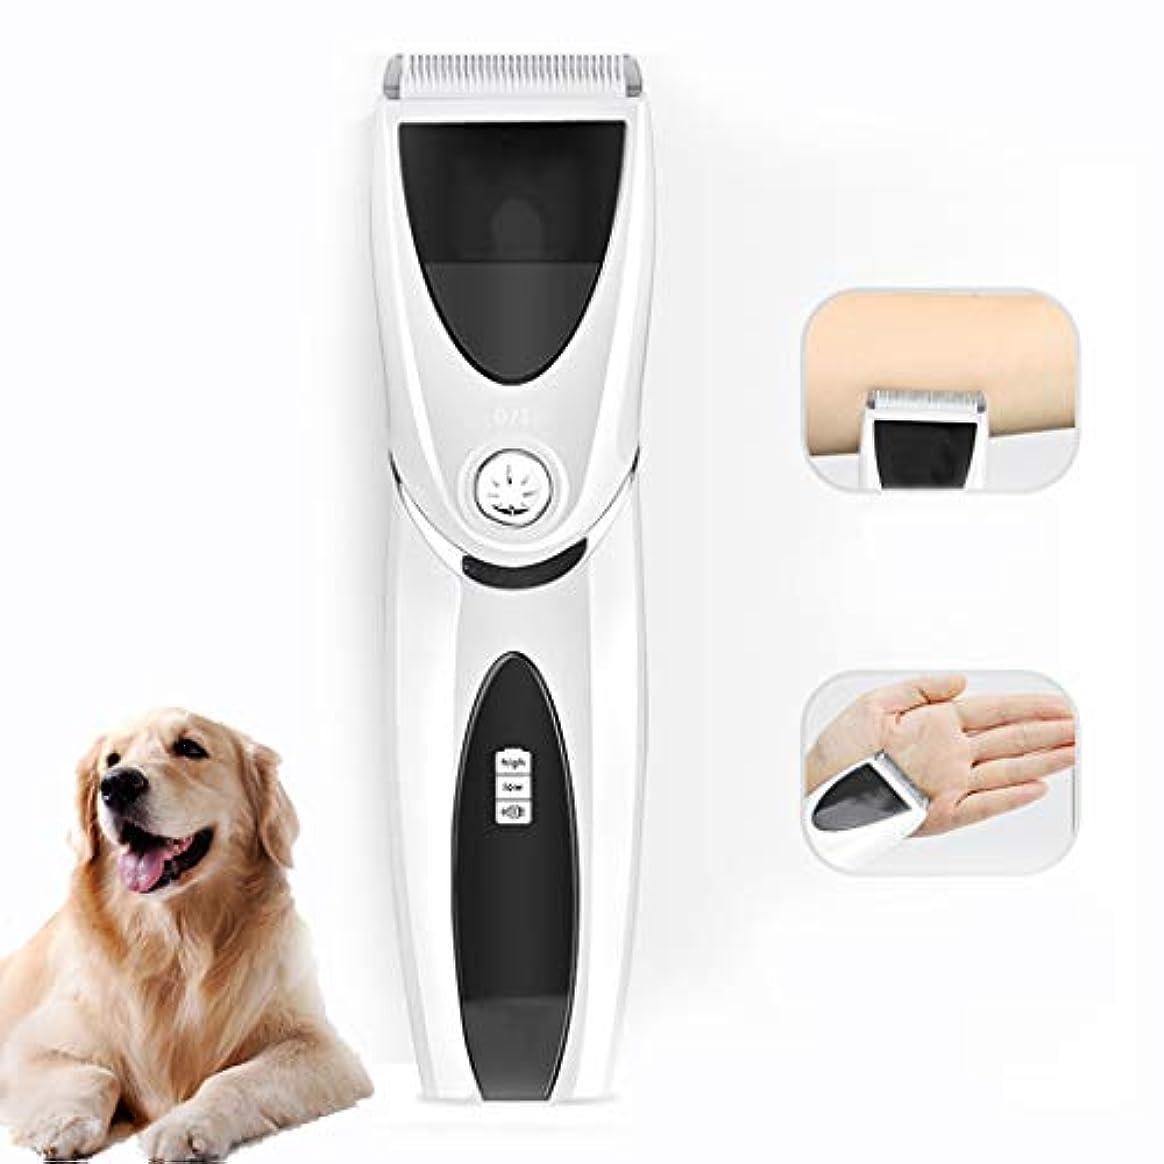 パン笑い寛大さ犬用バリカン、低雑音犬グルーミングクリッパー充電式コードレスペット毛トリマー、犬猫ペット用最高のバリカン